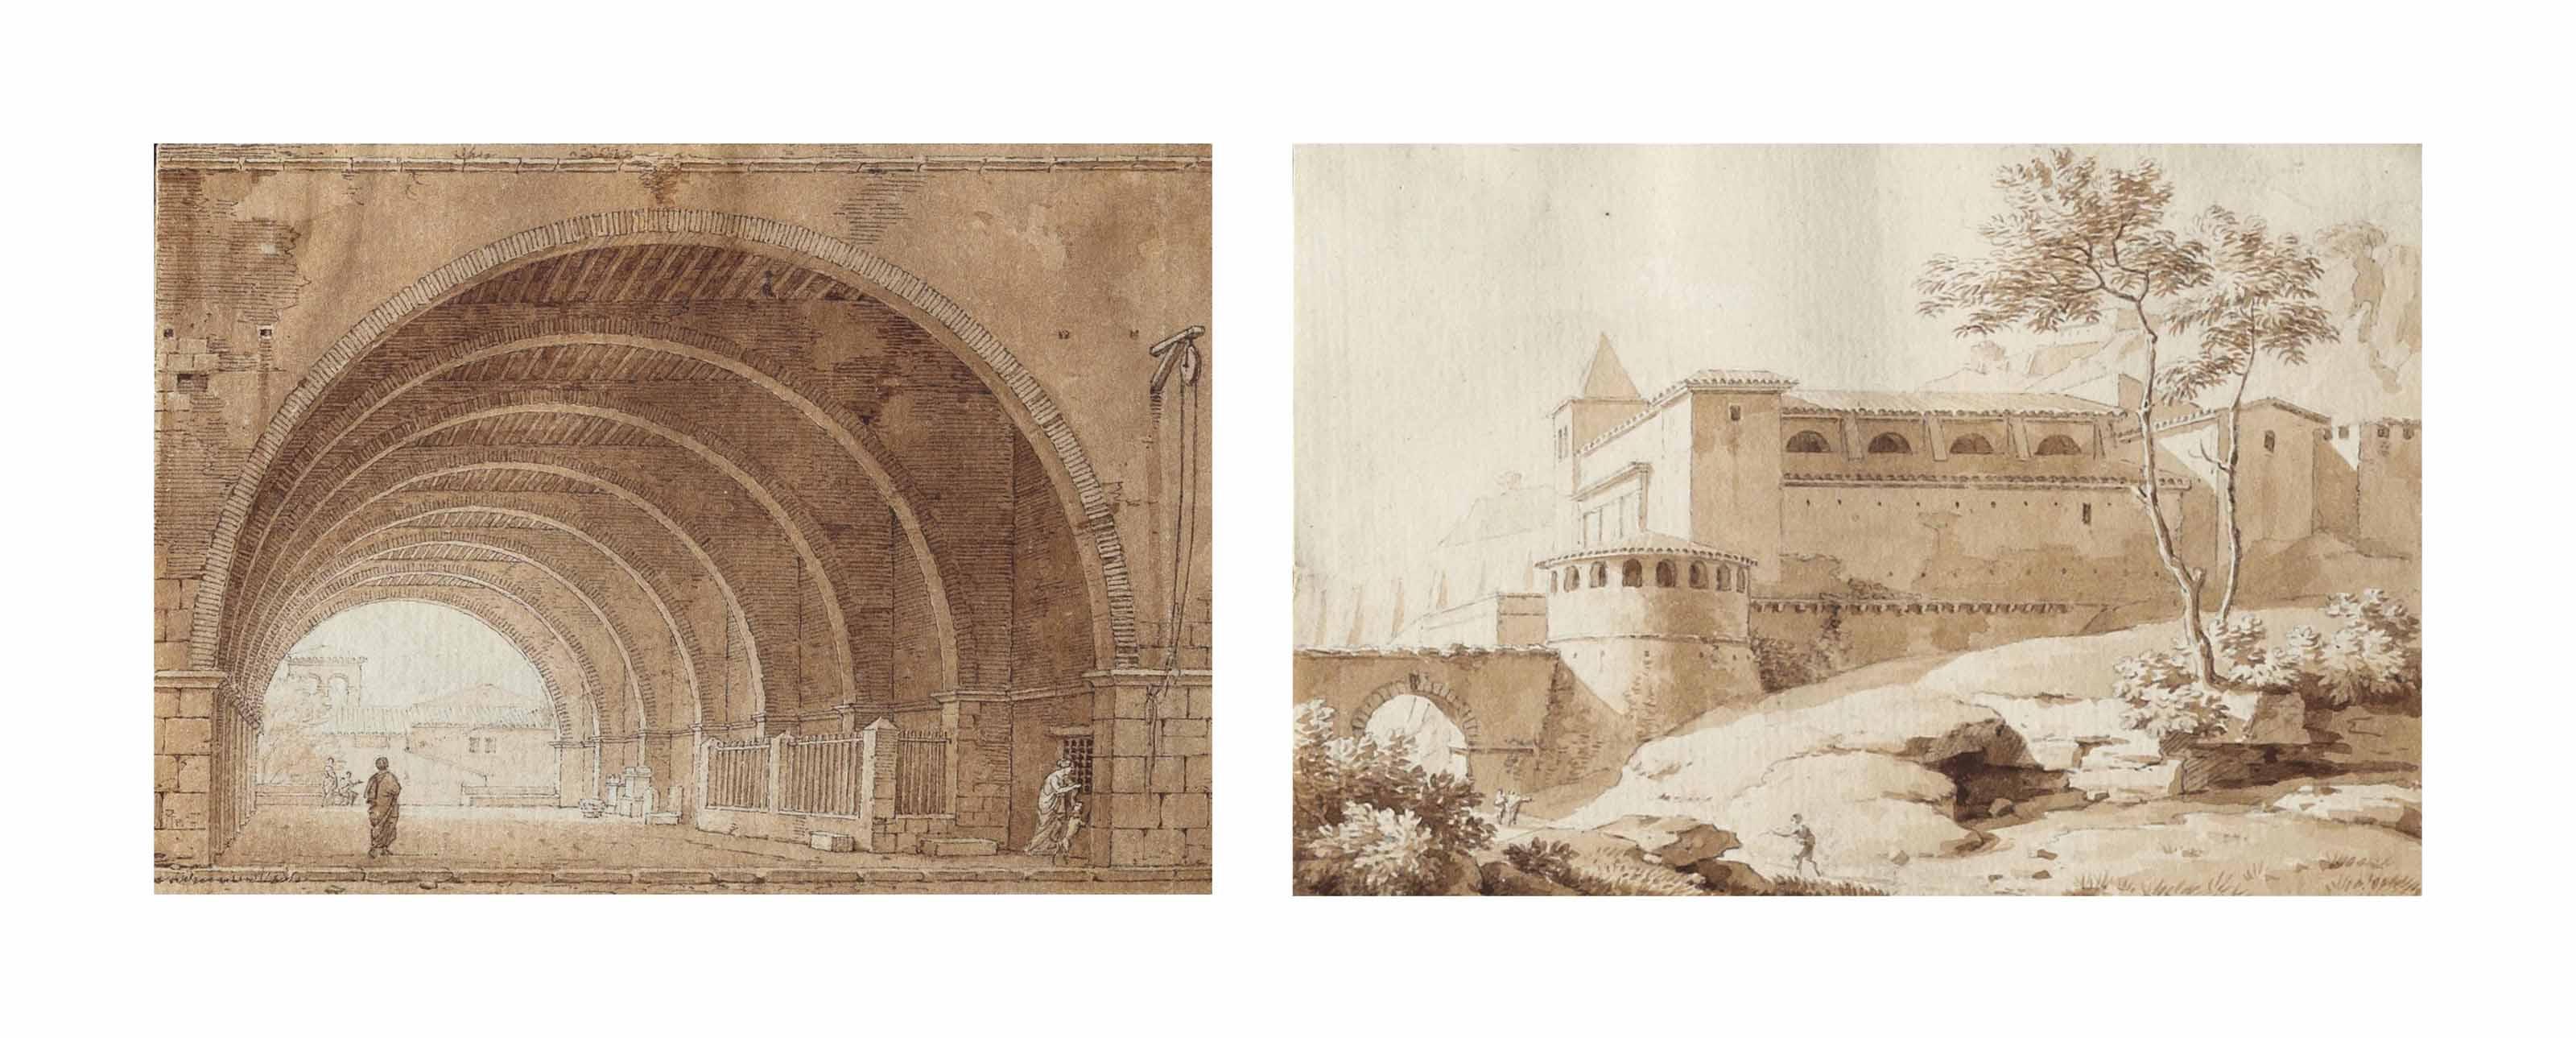 La cour d'un monastère; Palais dans la campagne romaine; et Voûte sous le palais de justice à Anagni